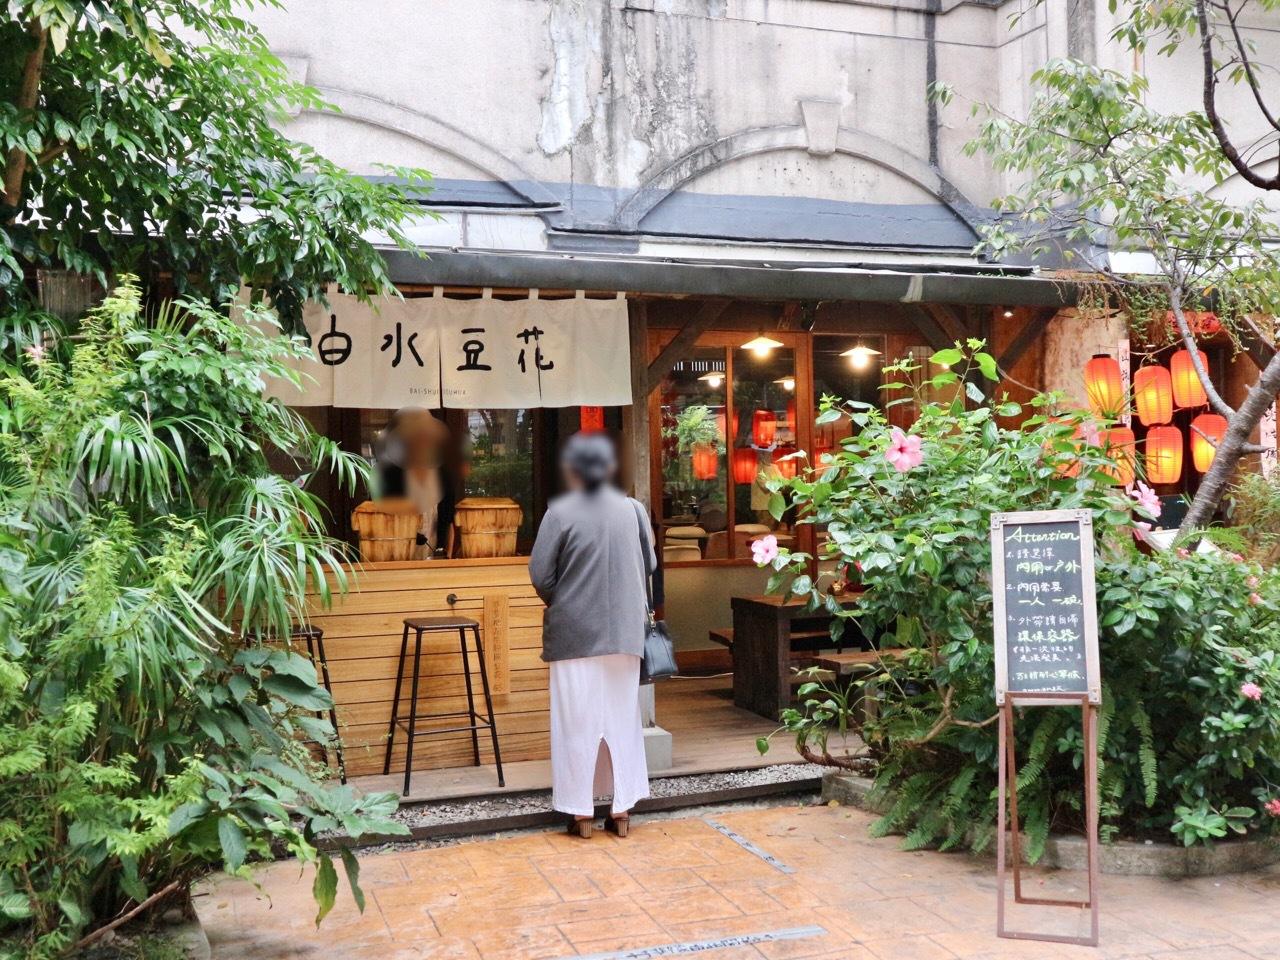 宜蘭県からやってきた人気豆花店「白水豆花」